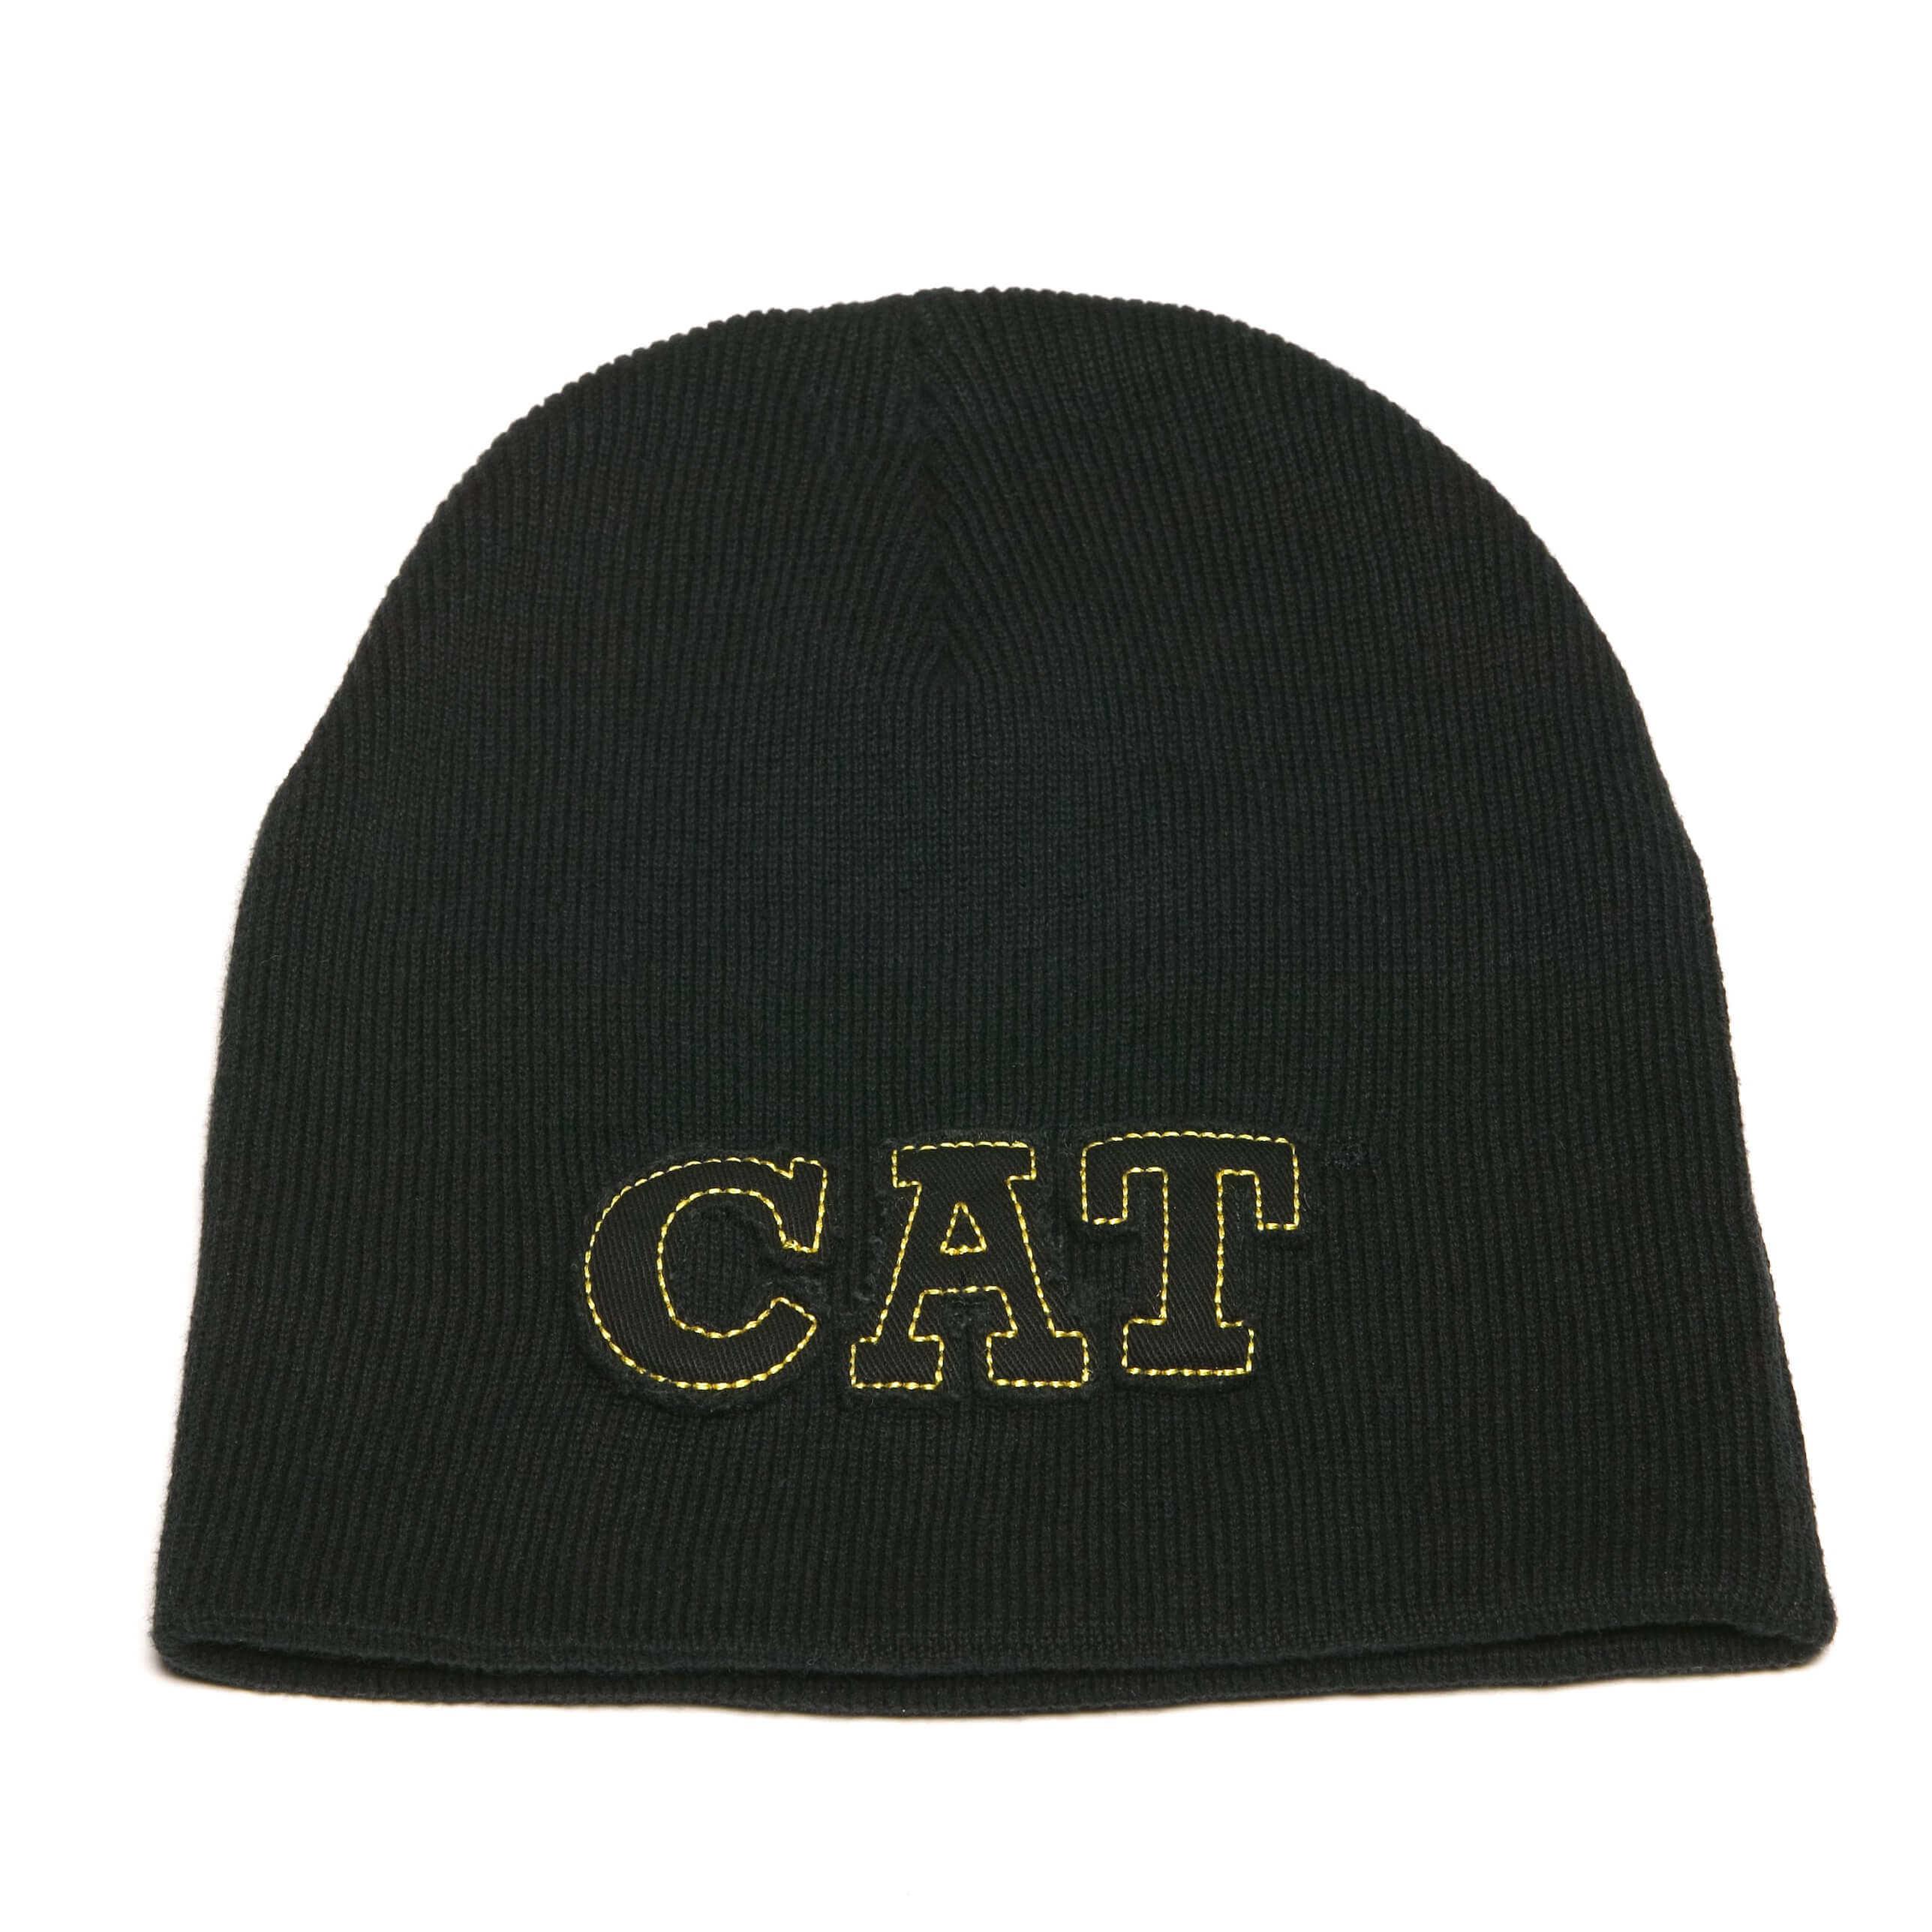 Bonnet brodé noir CAT